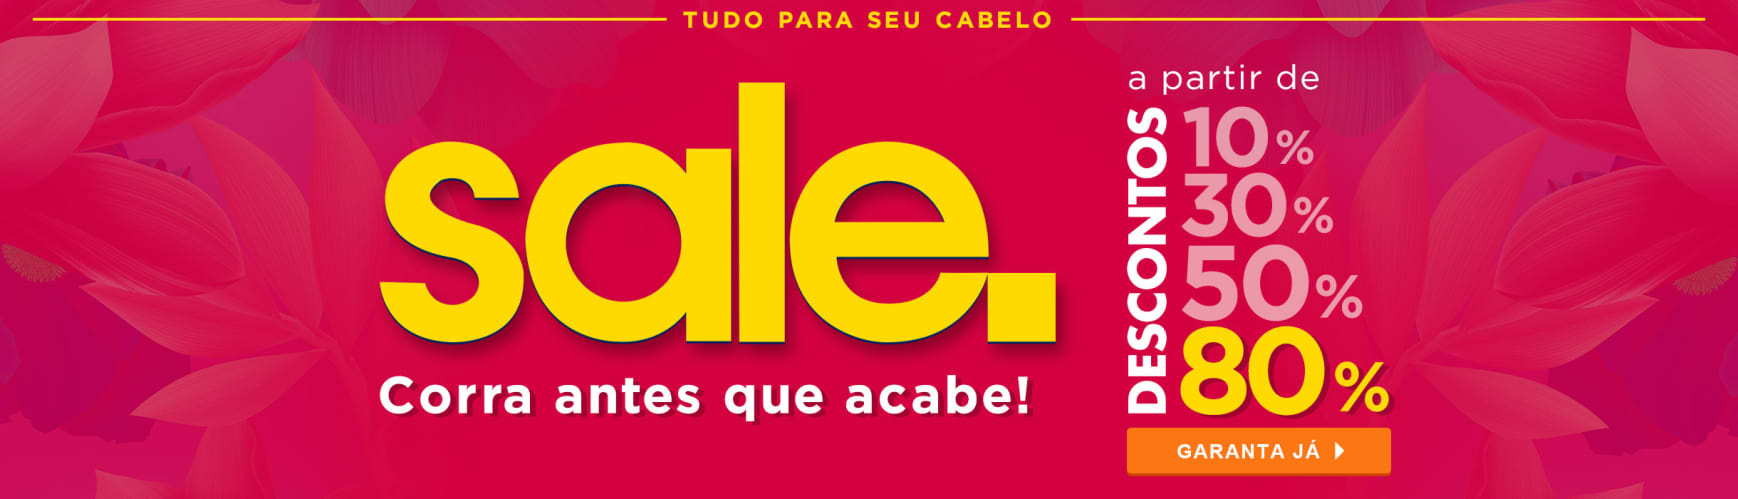 Home Cabelos: Hair Sale até 80% V2